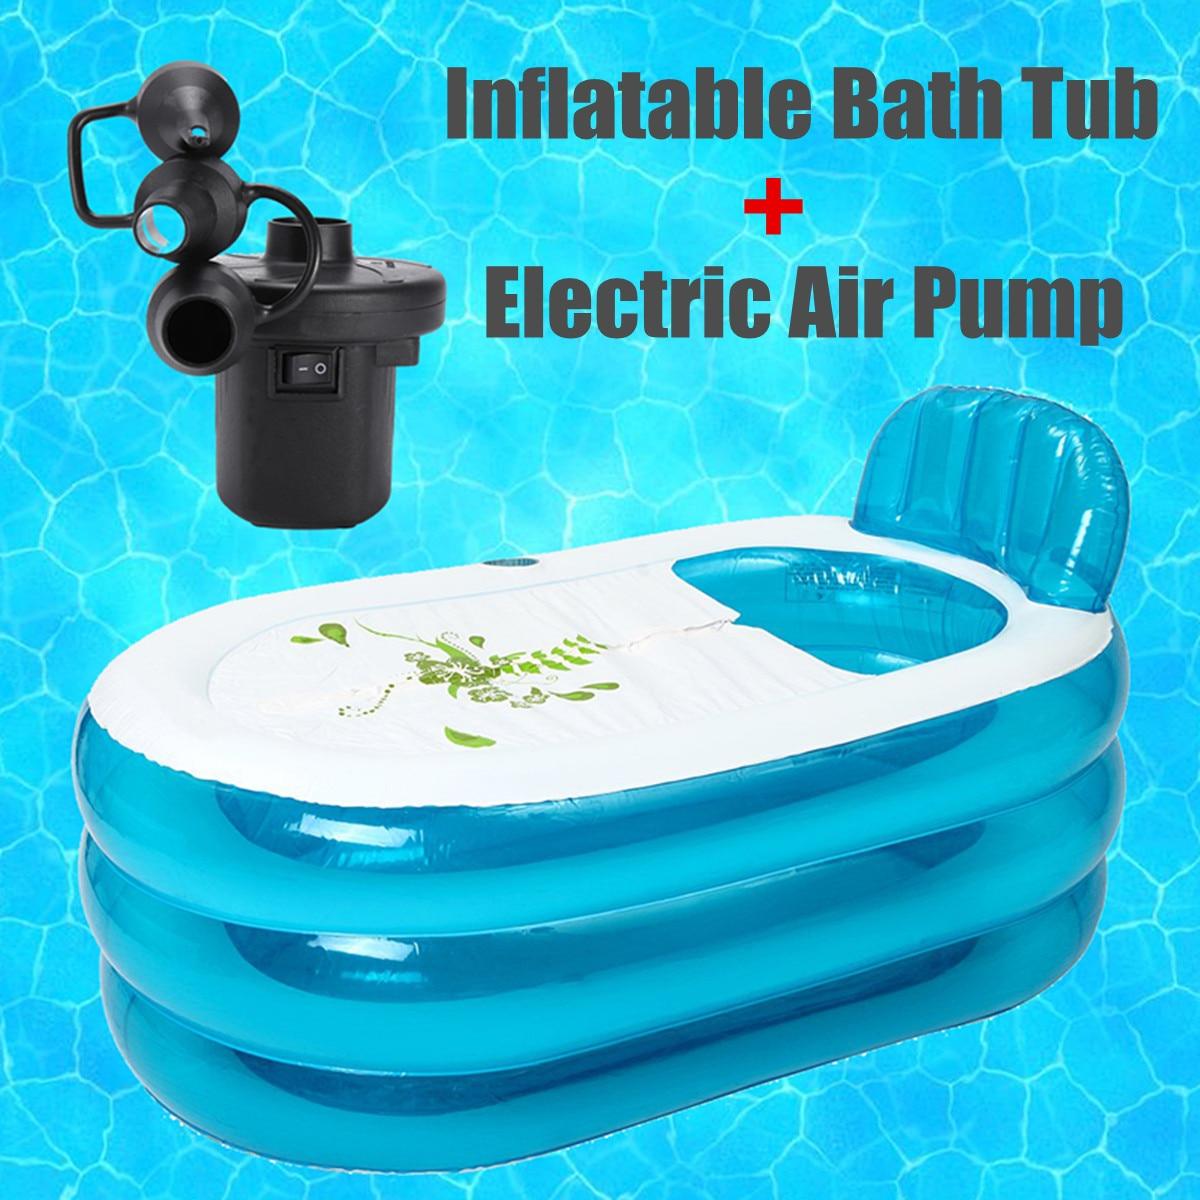 120-140x75x70cm ПВХ складываемая портативная ванная для взрослых надувная Ванна Наслаждайтесь жизнью ванна с надувной и дефляционный насос